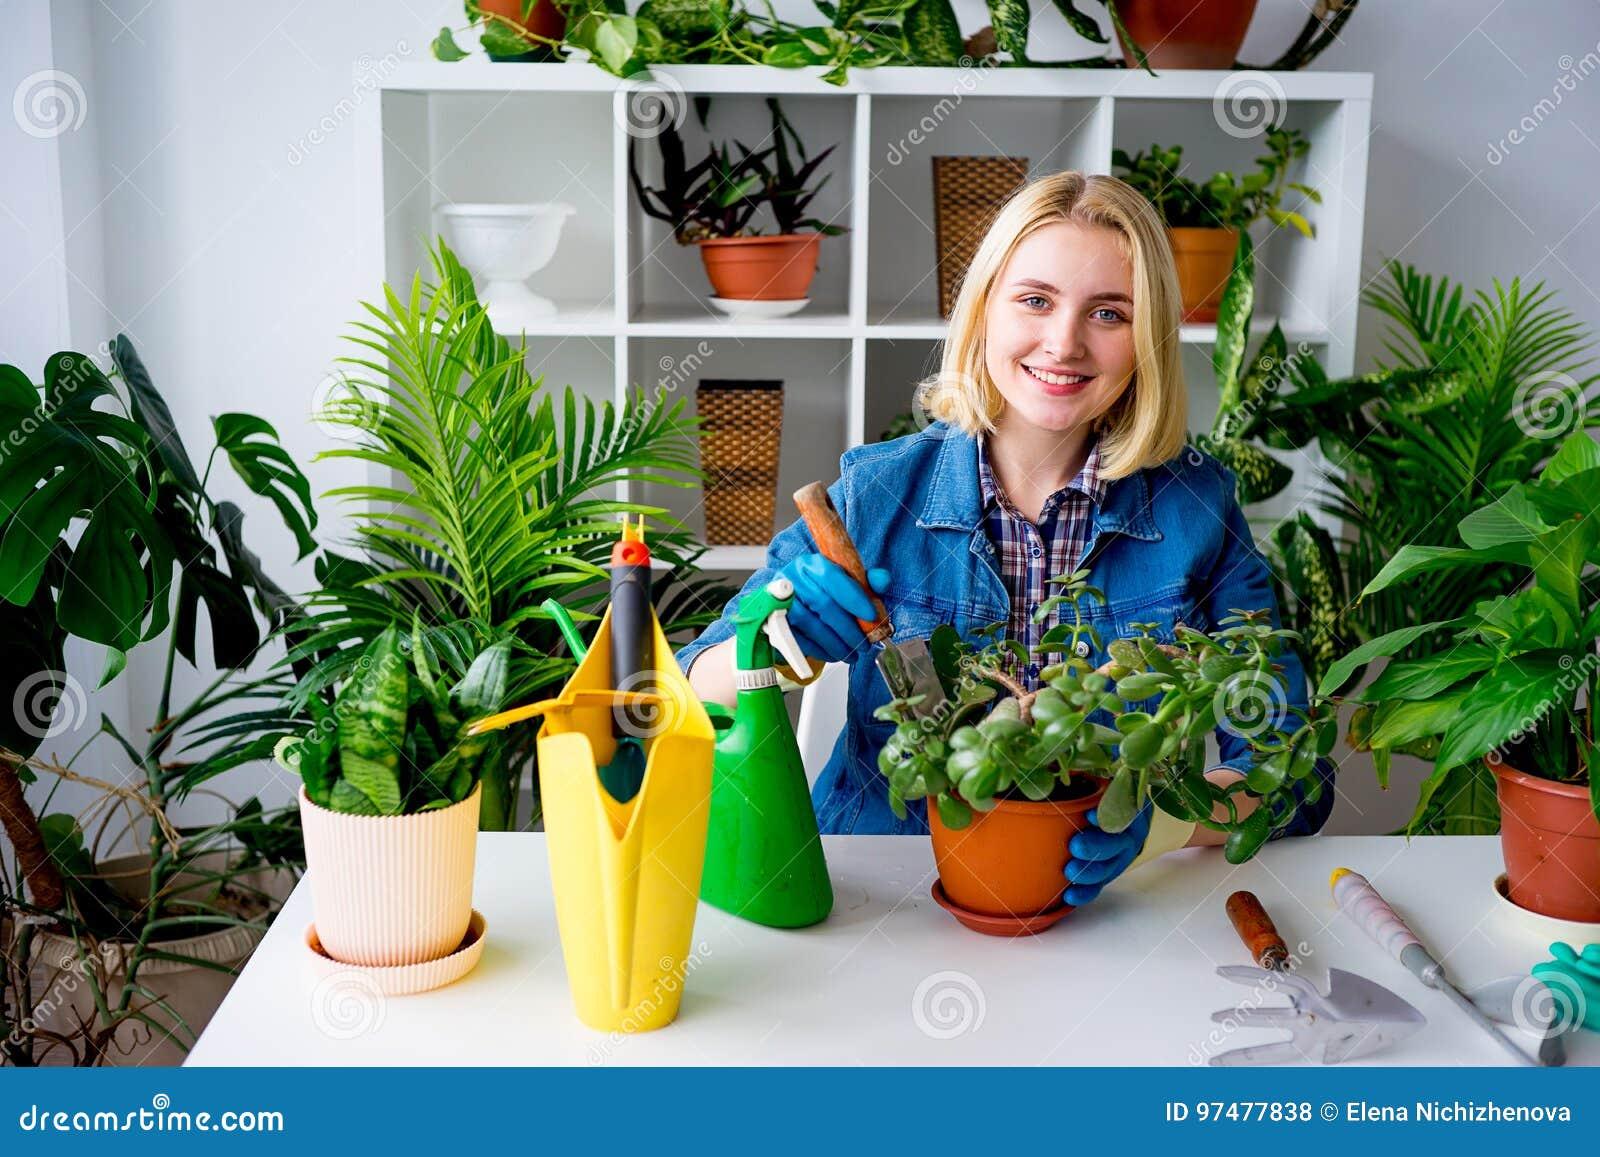 Fiorista sul lavoro in serra